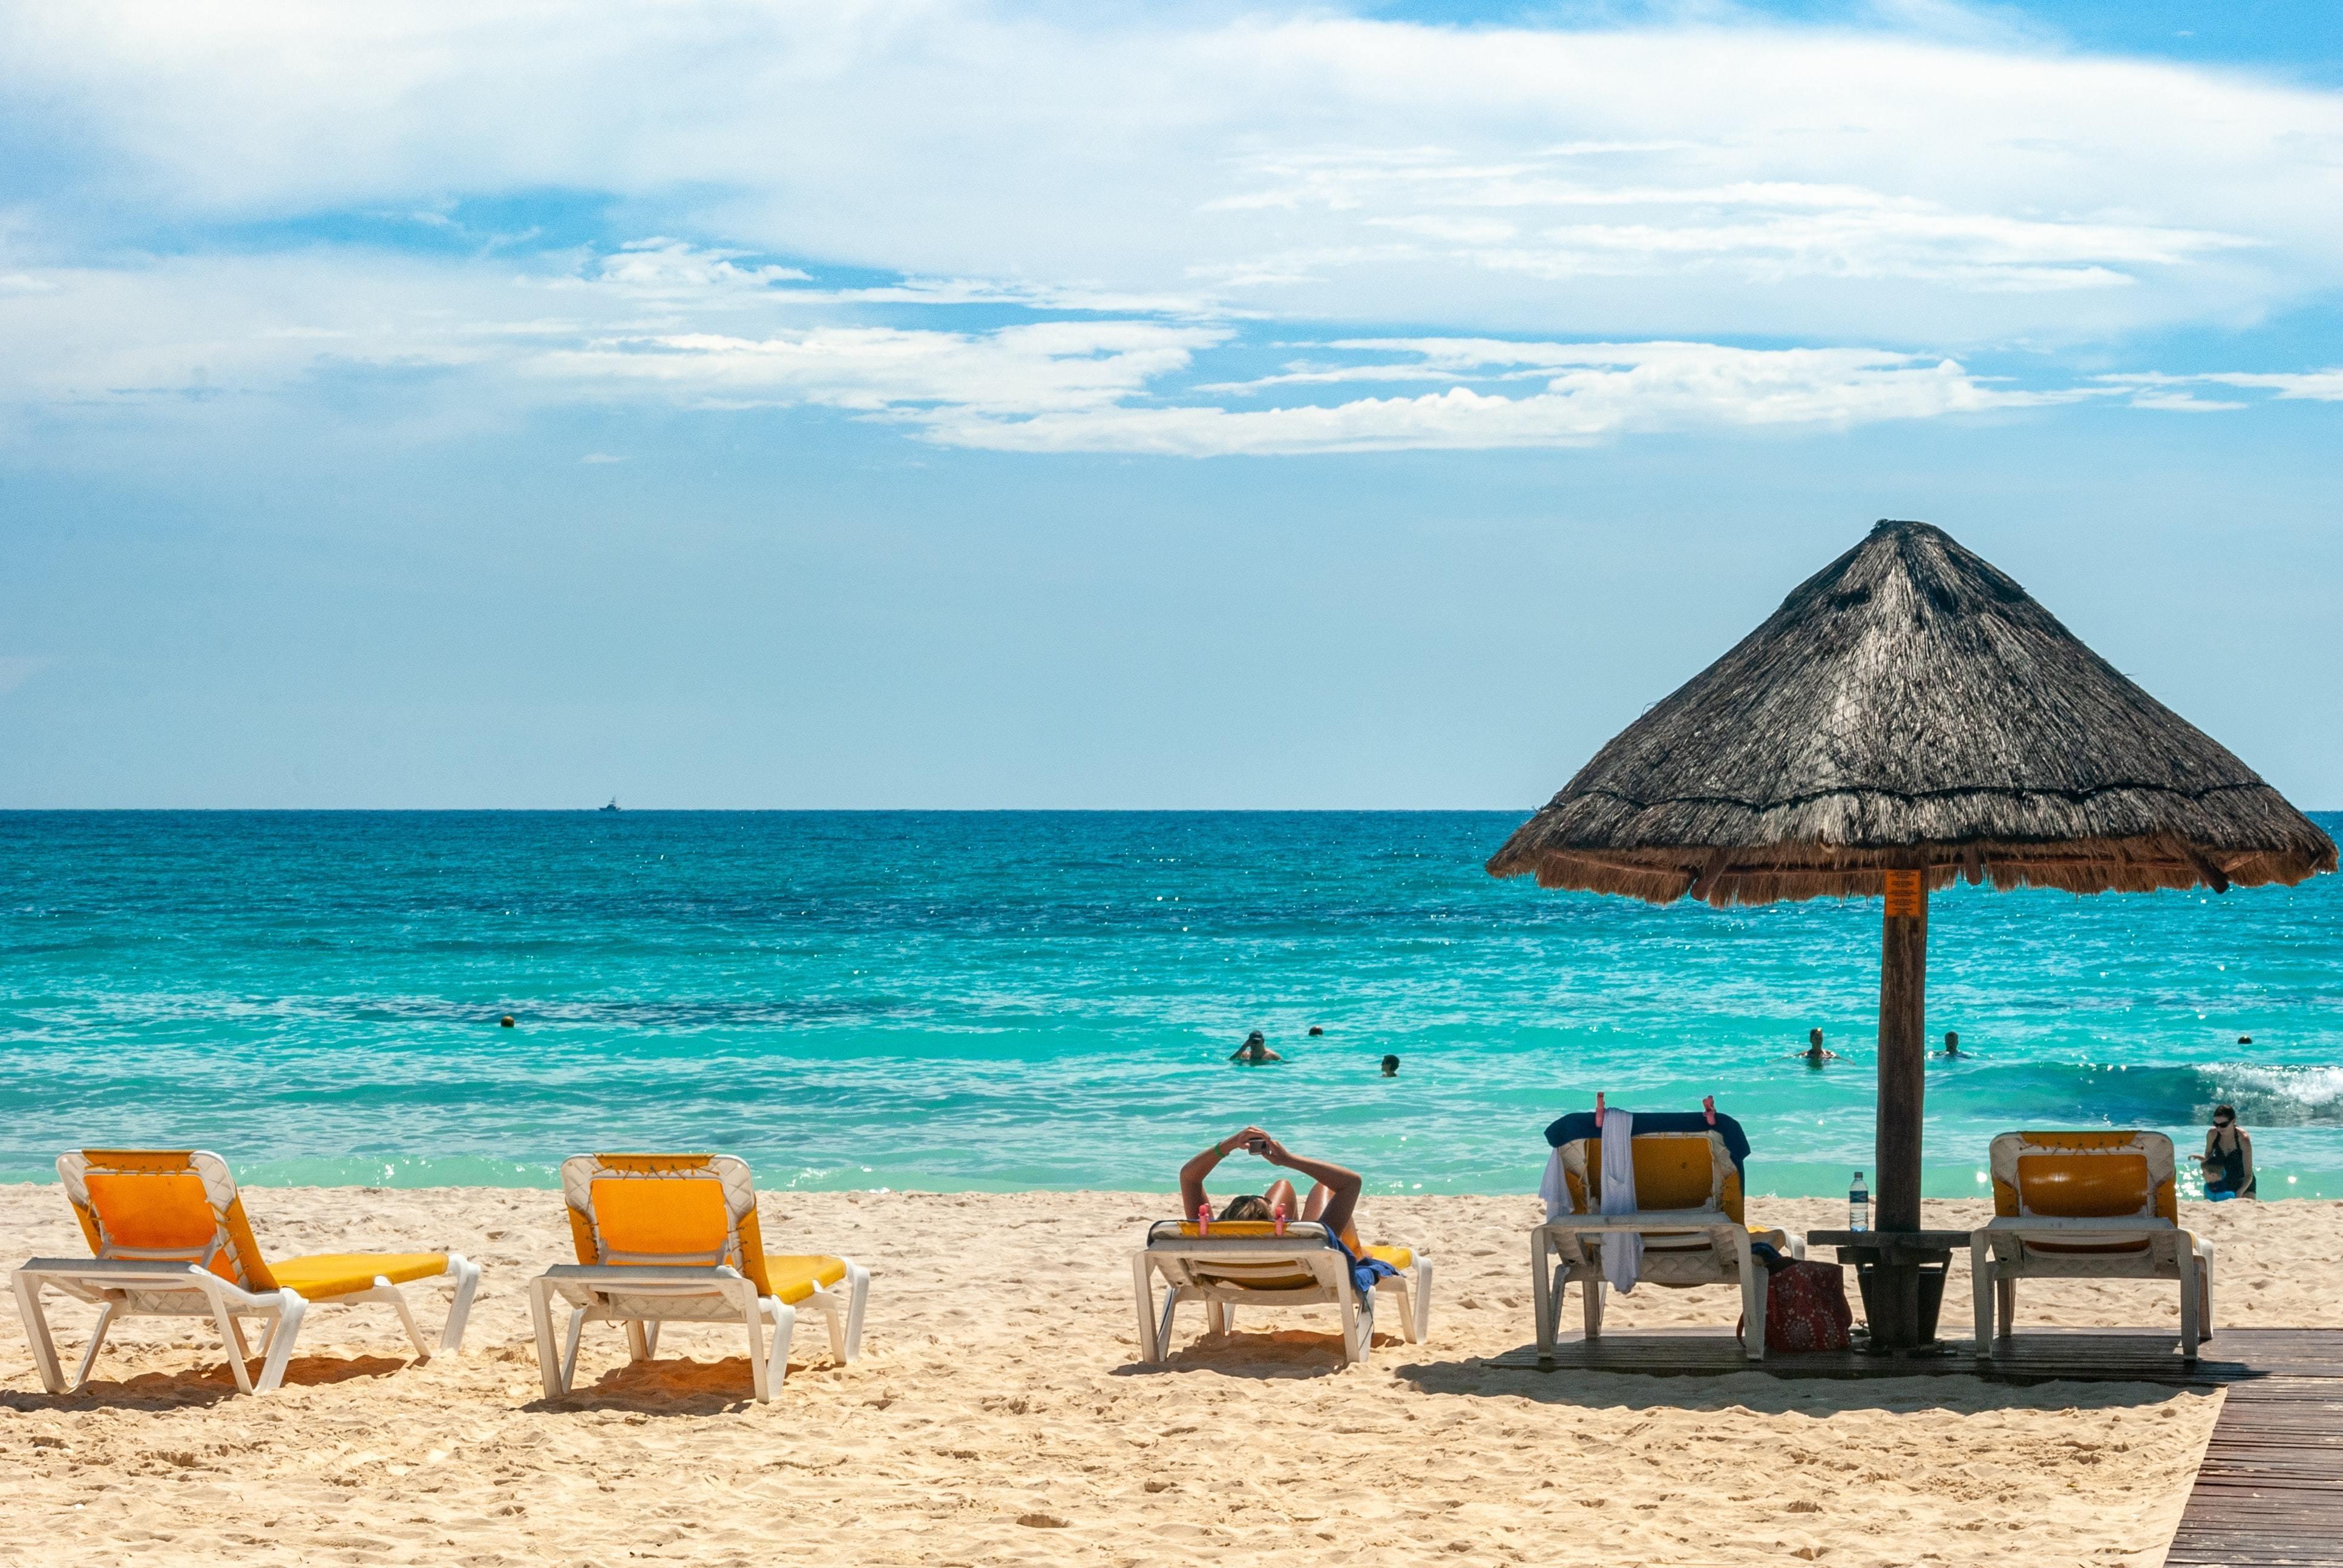 A man lying on a sunny beach.